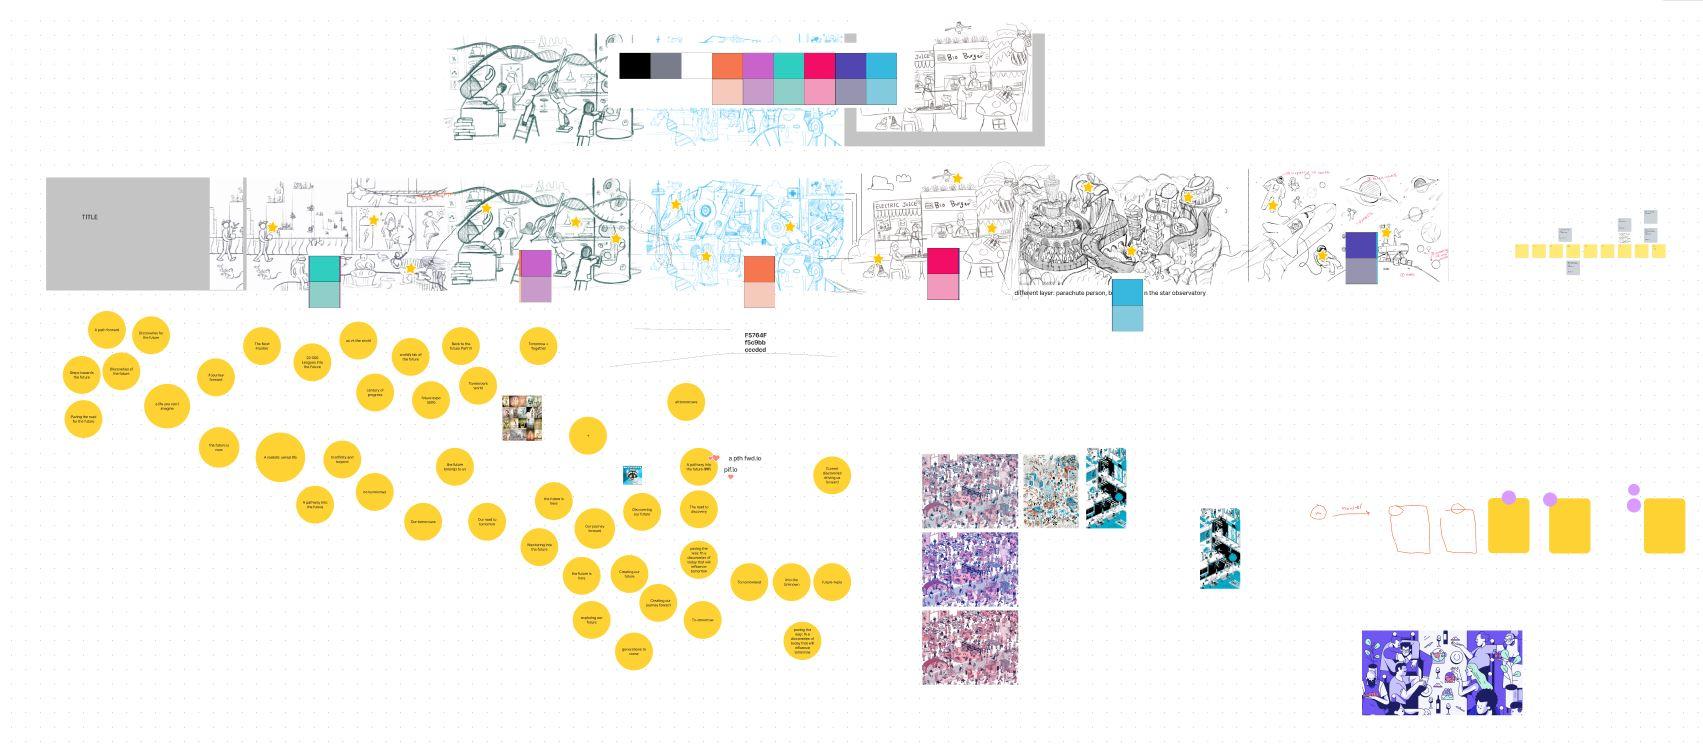 Team finalfinaldraftv3ai - sketches